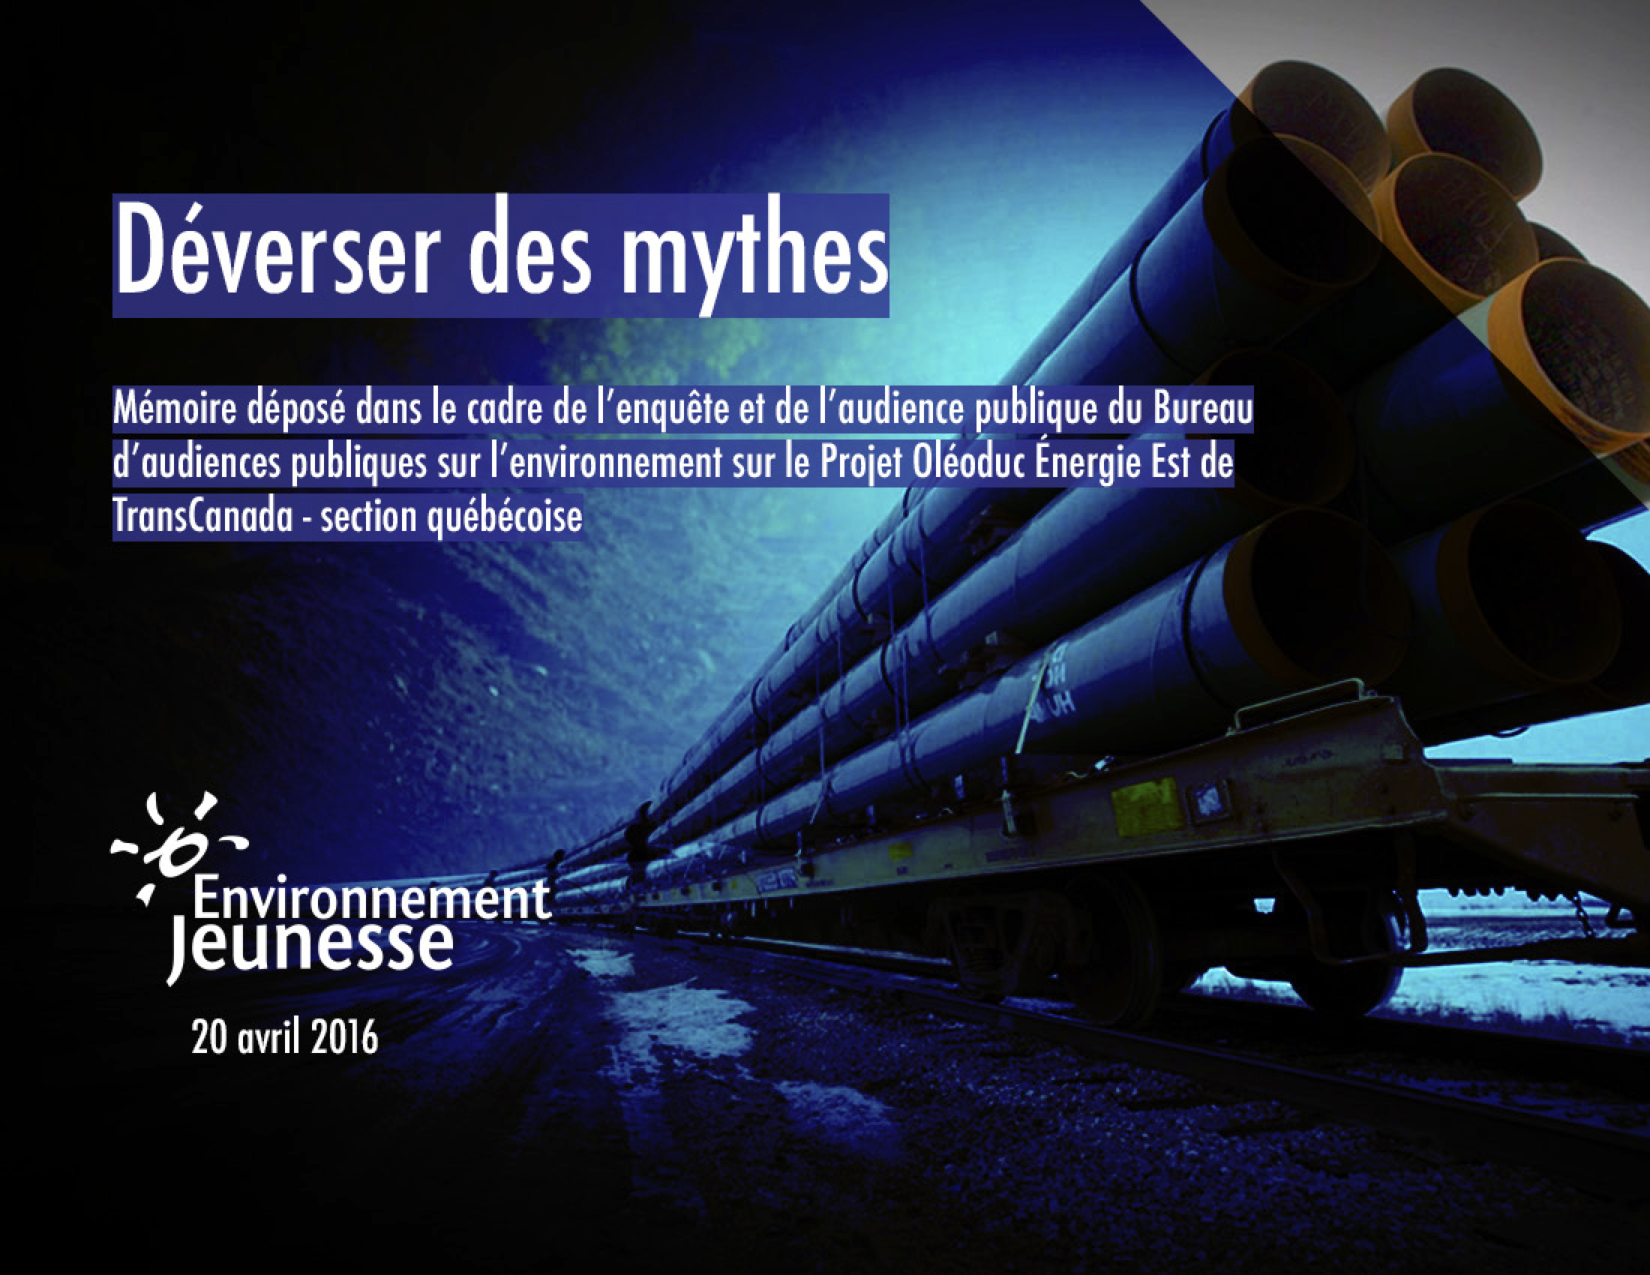 Mémoire 2016 mythes_vignette